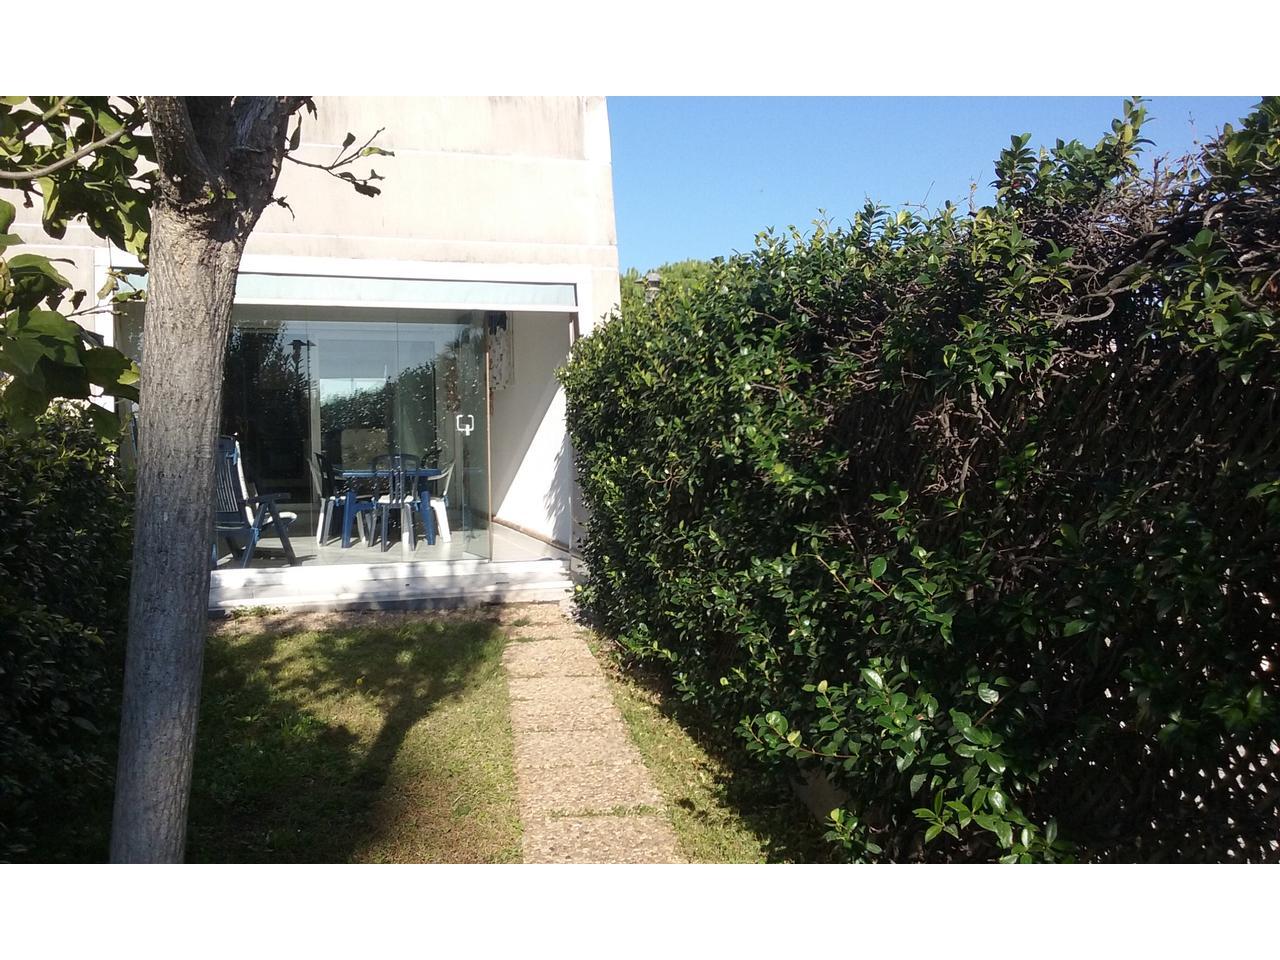 Immobilier nice vue mer appartement villeneuve loubet rez for Appartement rez de jardin nice